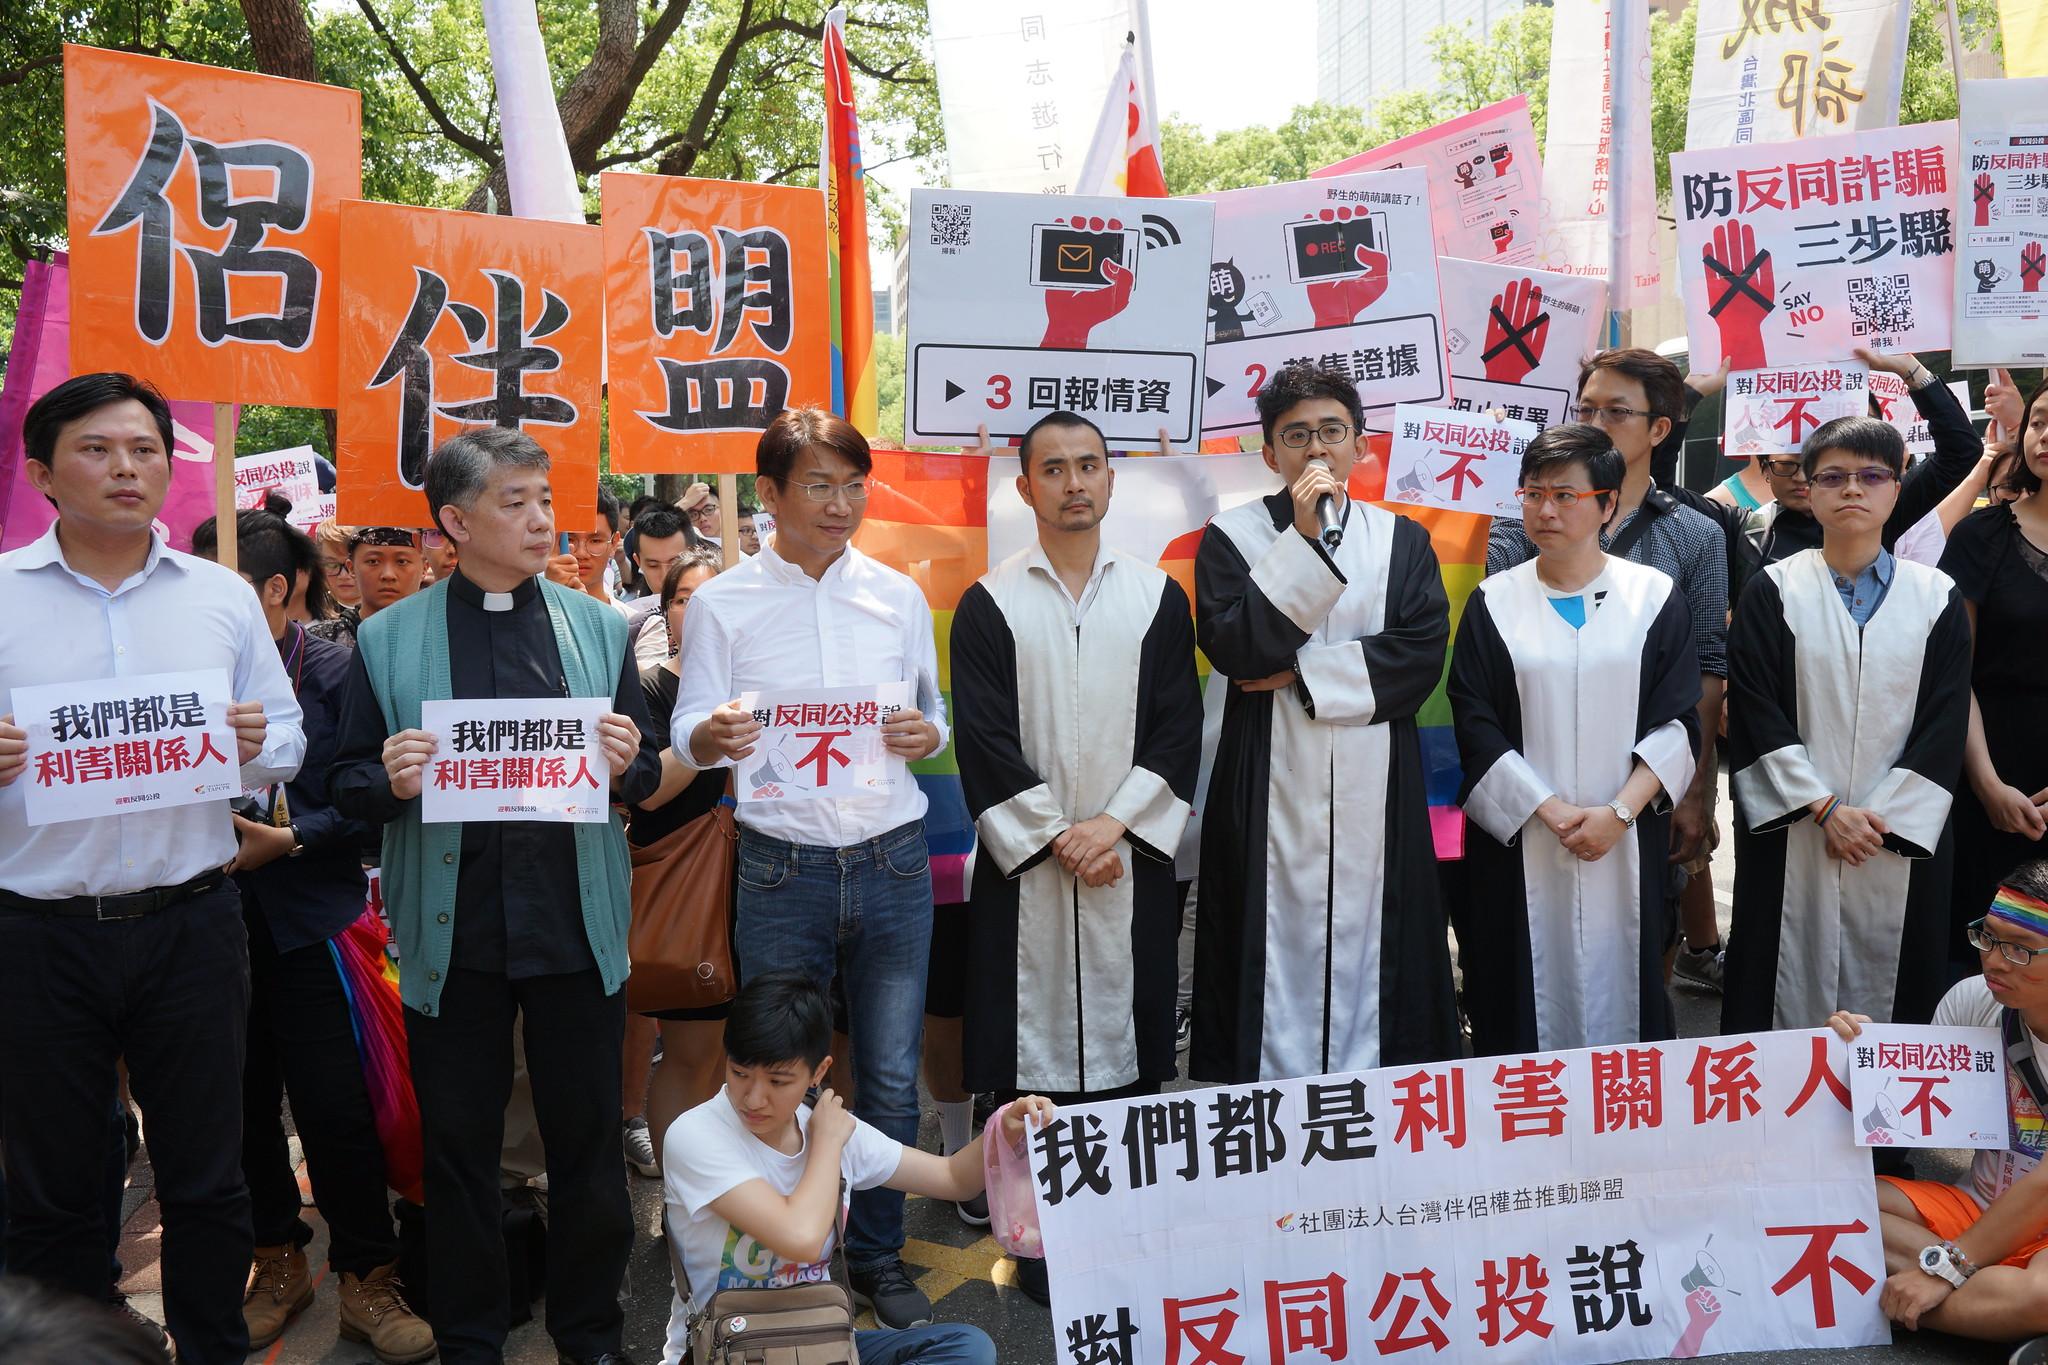 伴侶盟要求中選會撤銷反同團體的公投案,並聲請停止執行。(攝影:王顥中)